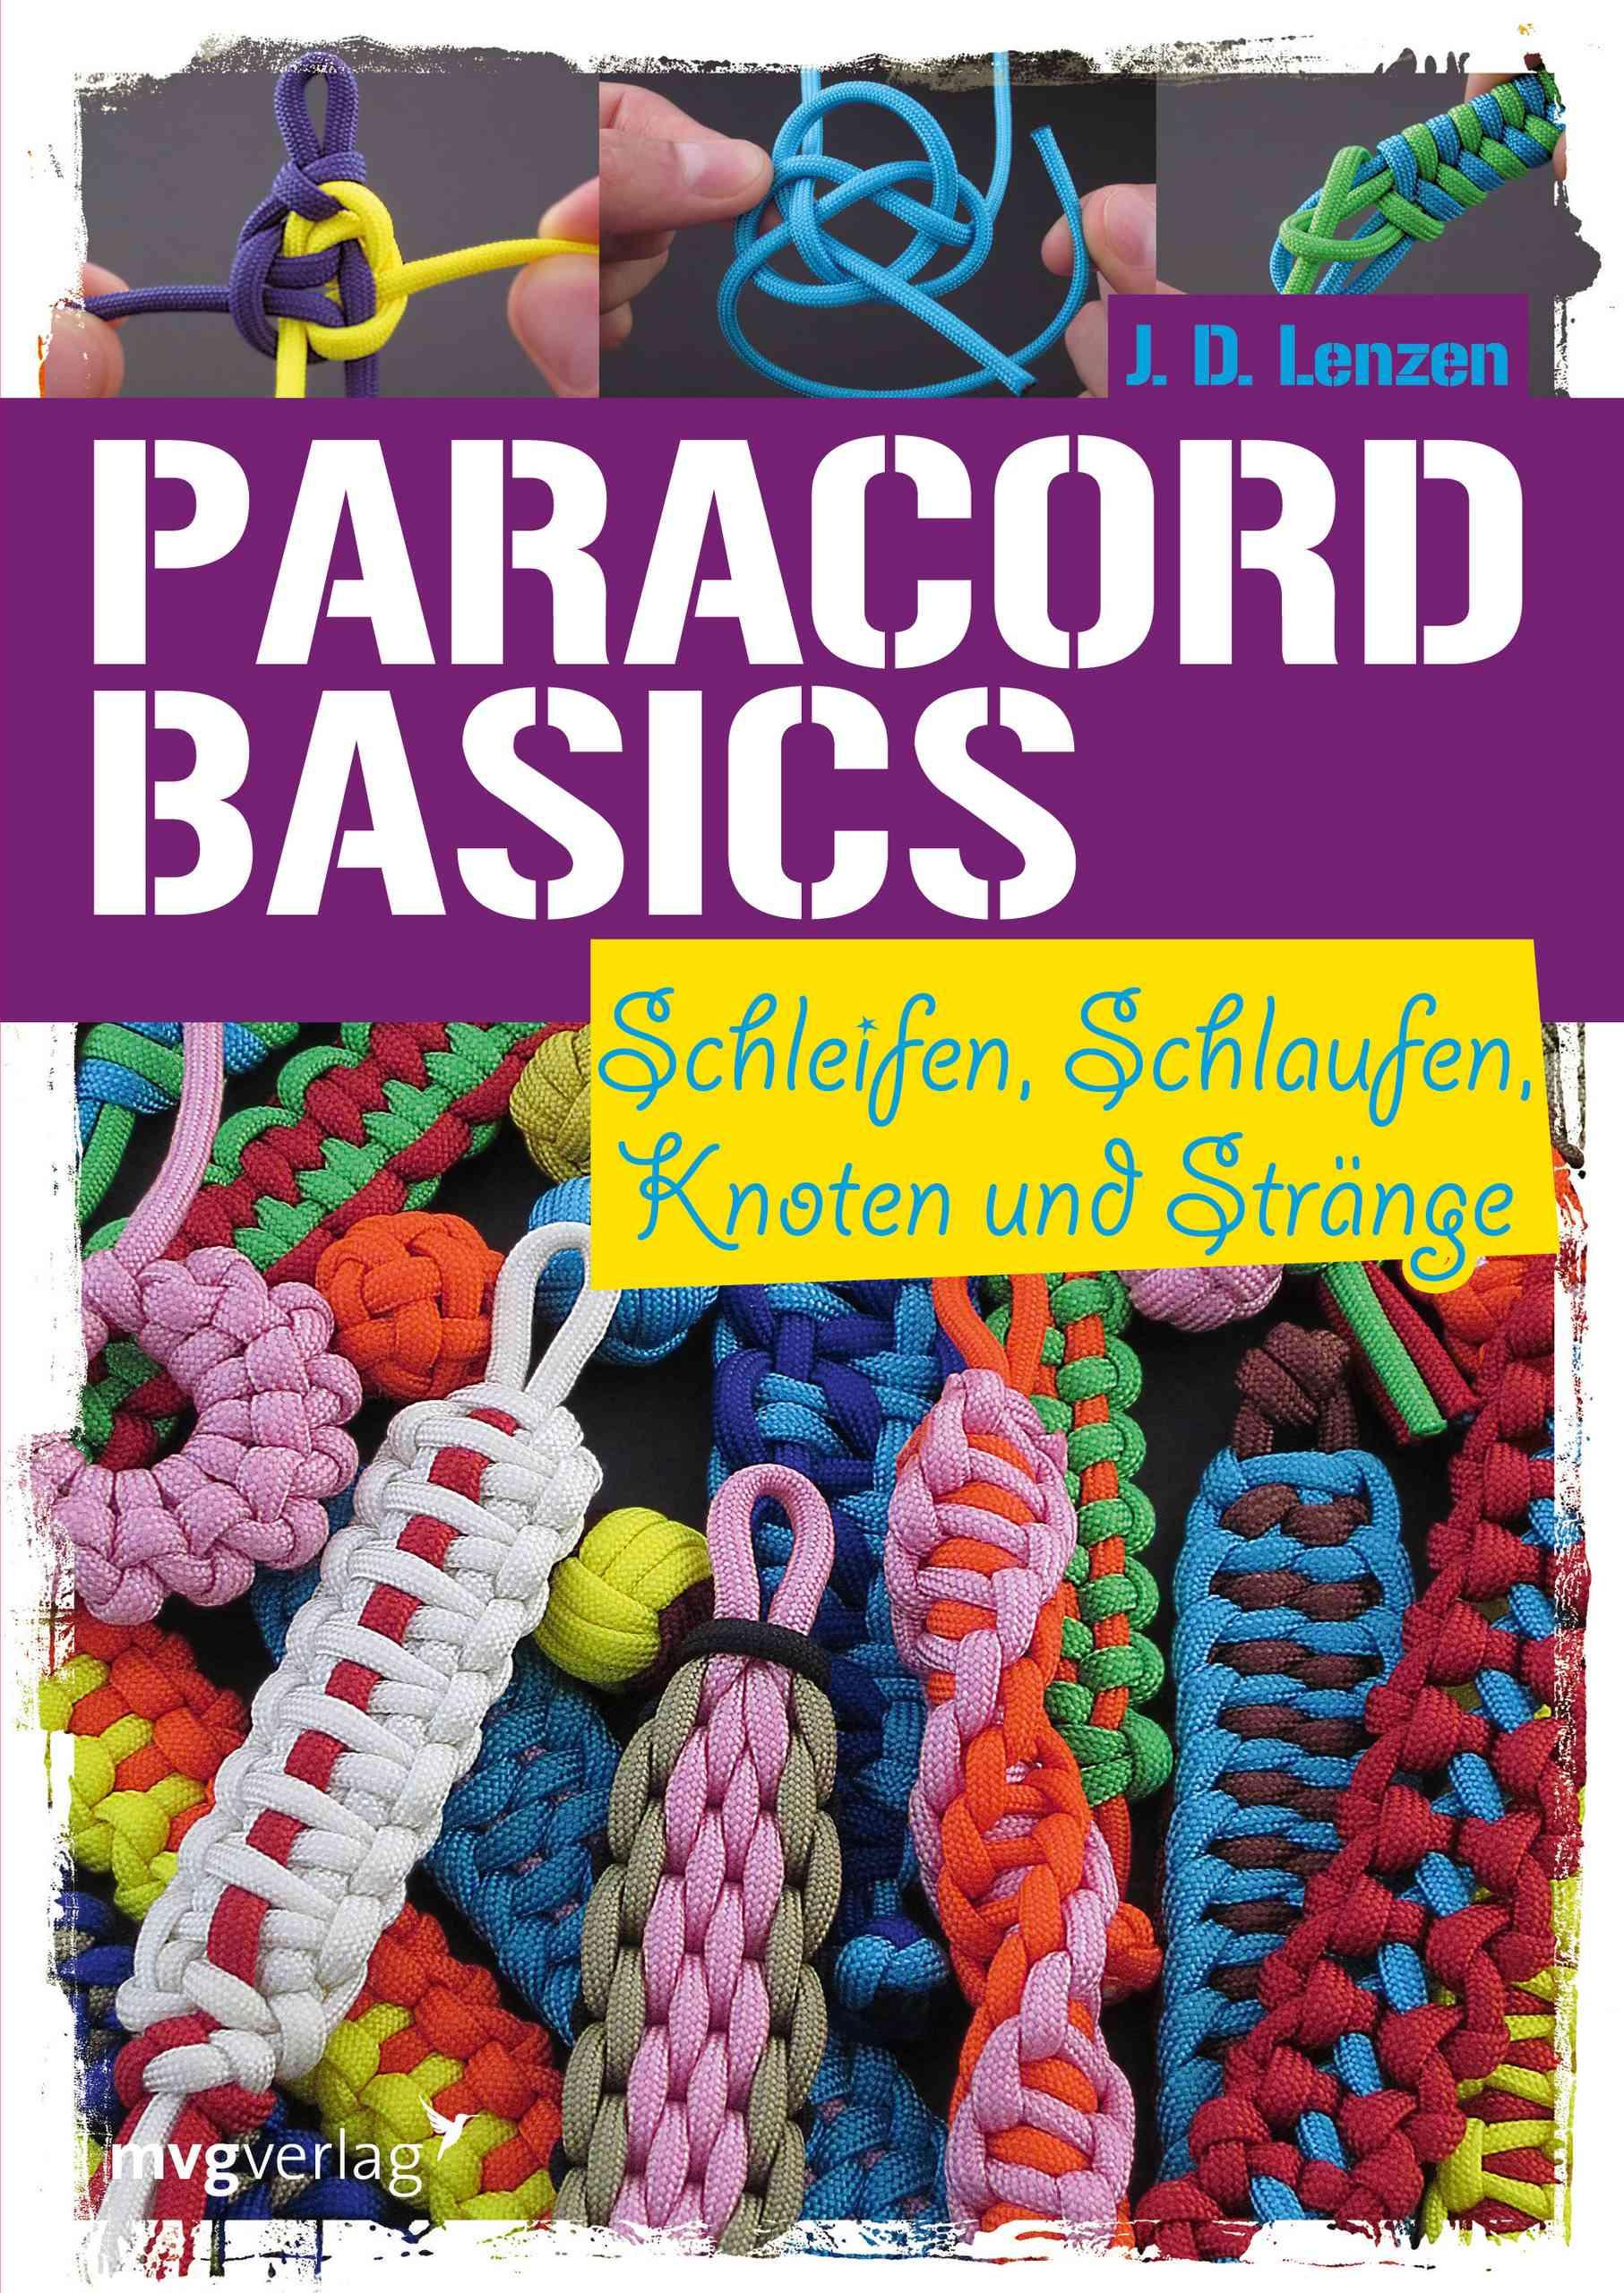 J. D. Lenzen - Paracord Basics